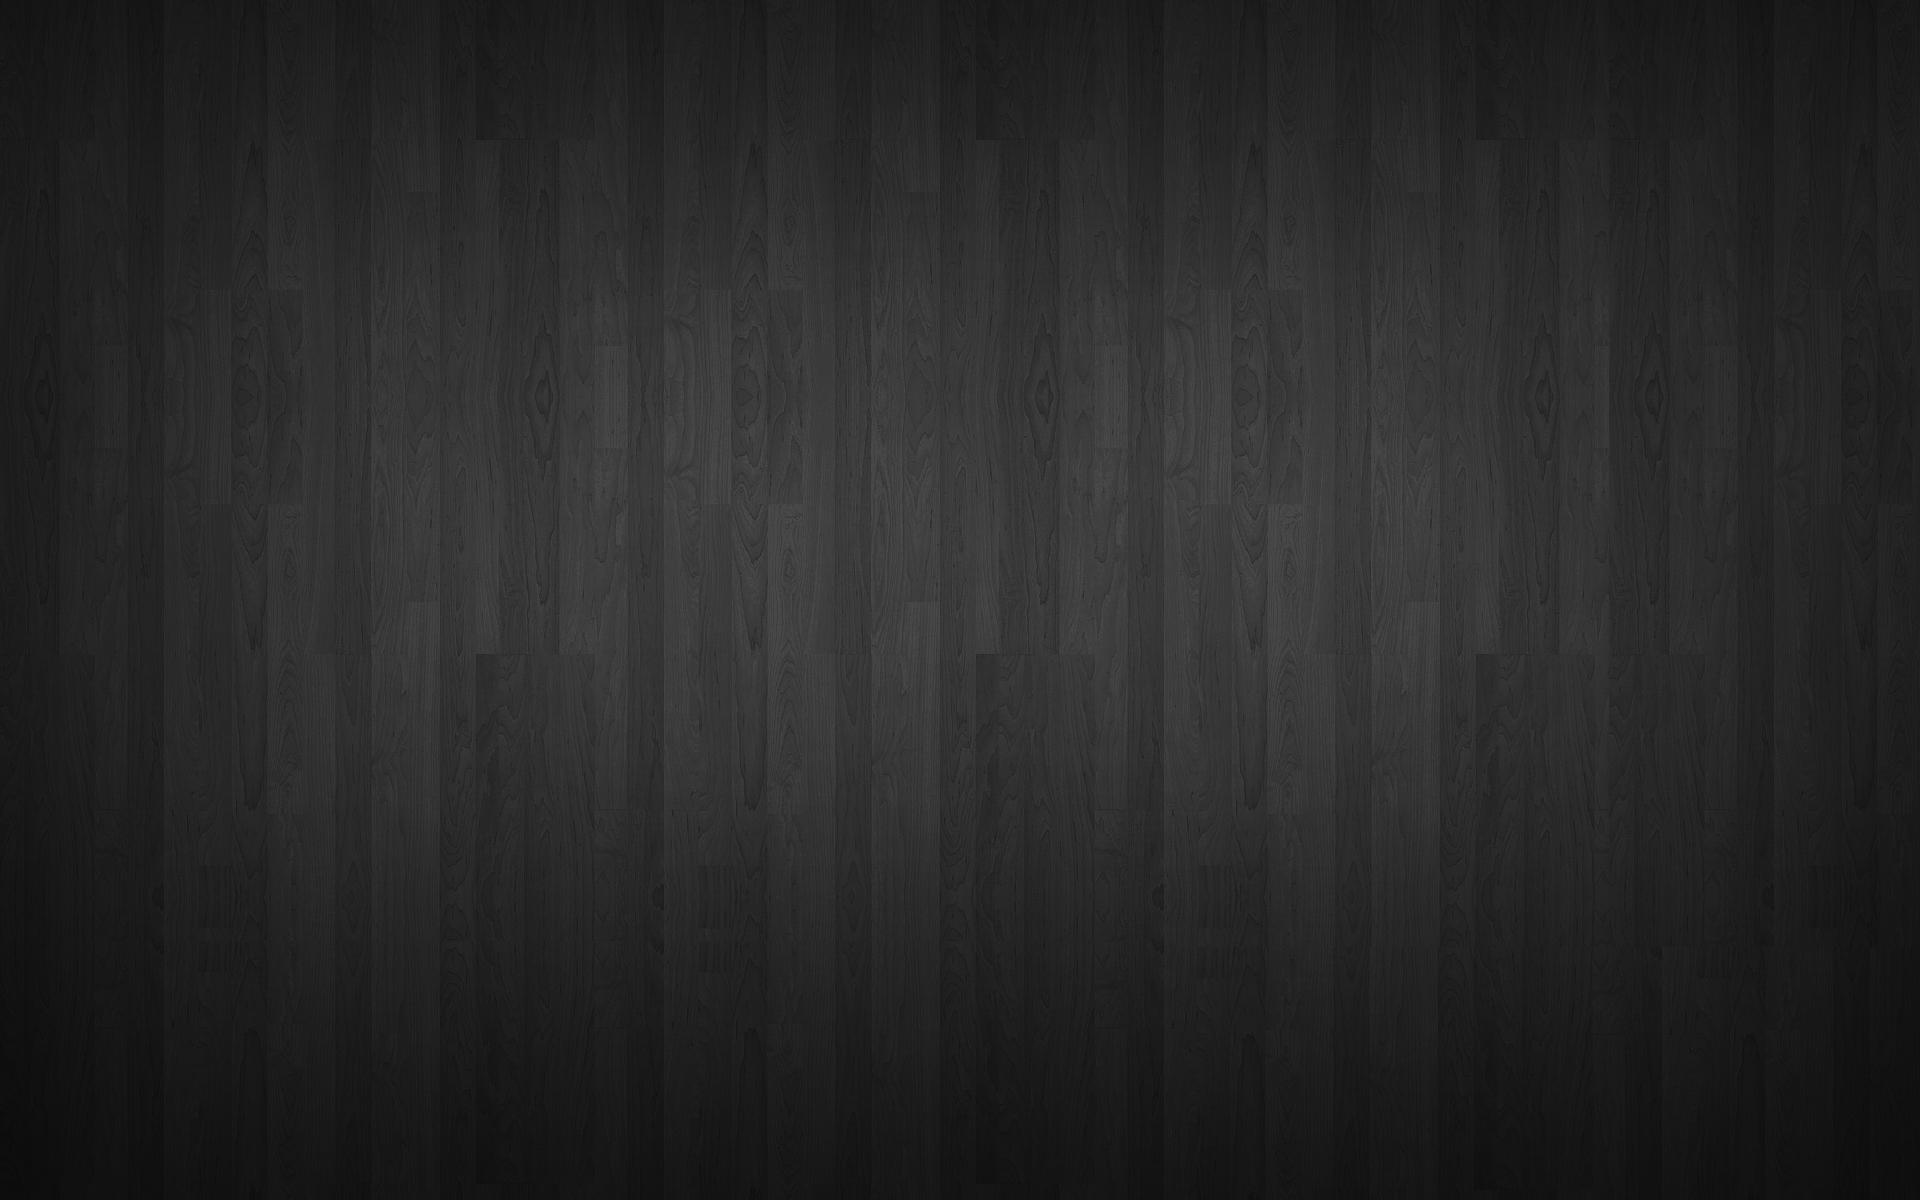 Superior Wood Floor Wallpaper WallpaperSafari